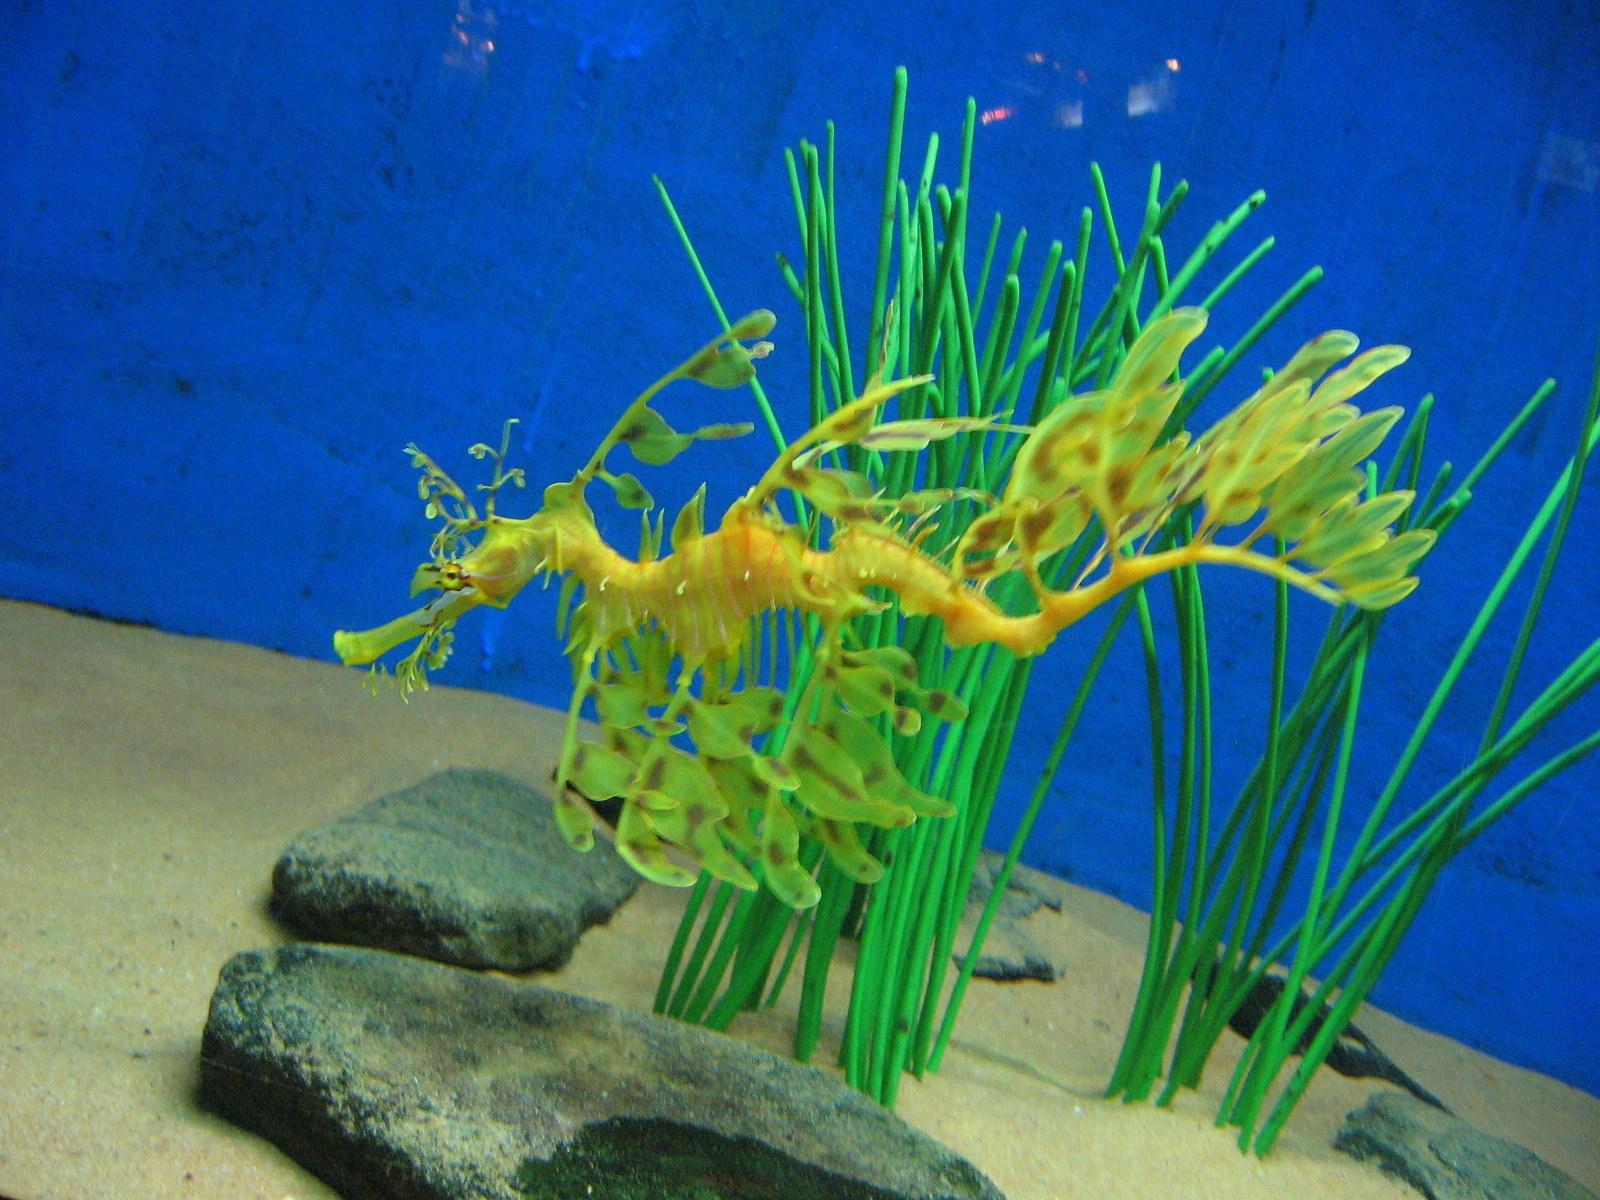 Leafy Sea Dragon Eating